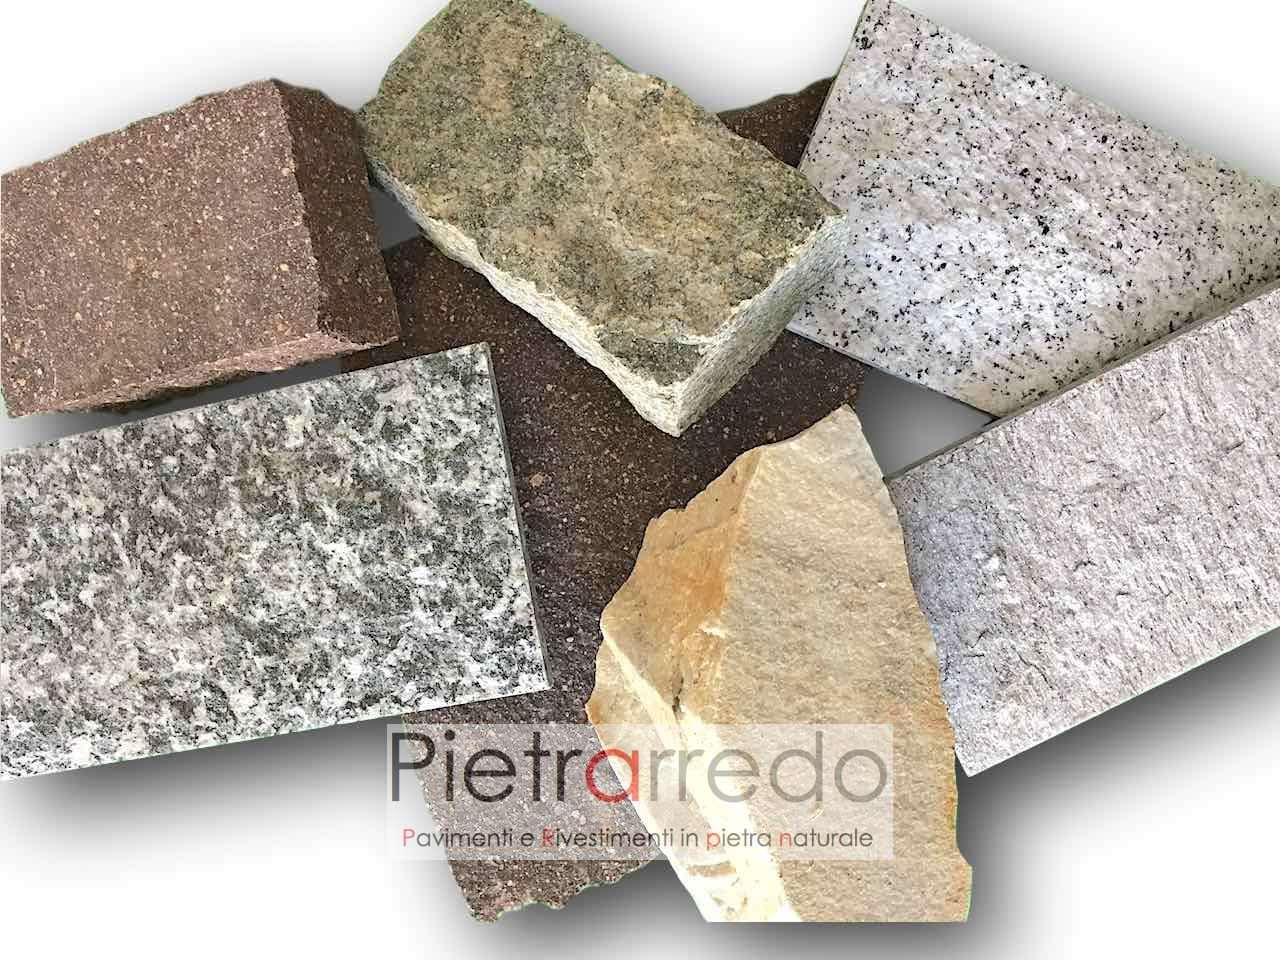 offerte-varie-fine-partita-pavimenti-rivestimenti-pietra-naturale-fontane-granito-binderi-luserna-porfido-prezzi